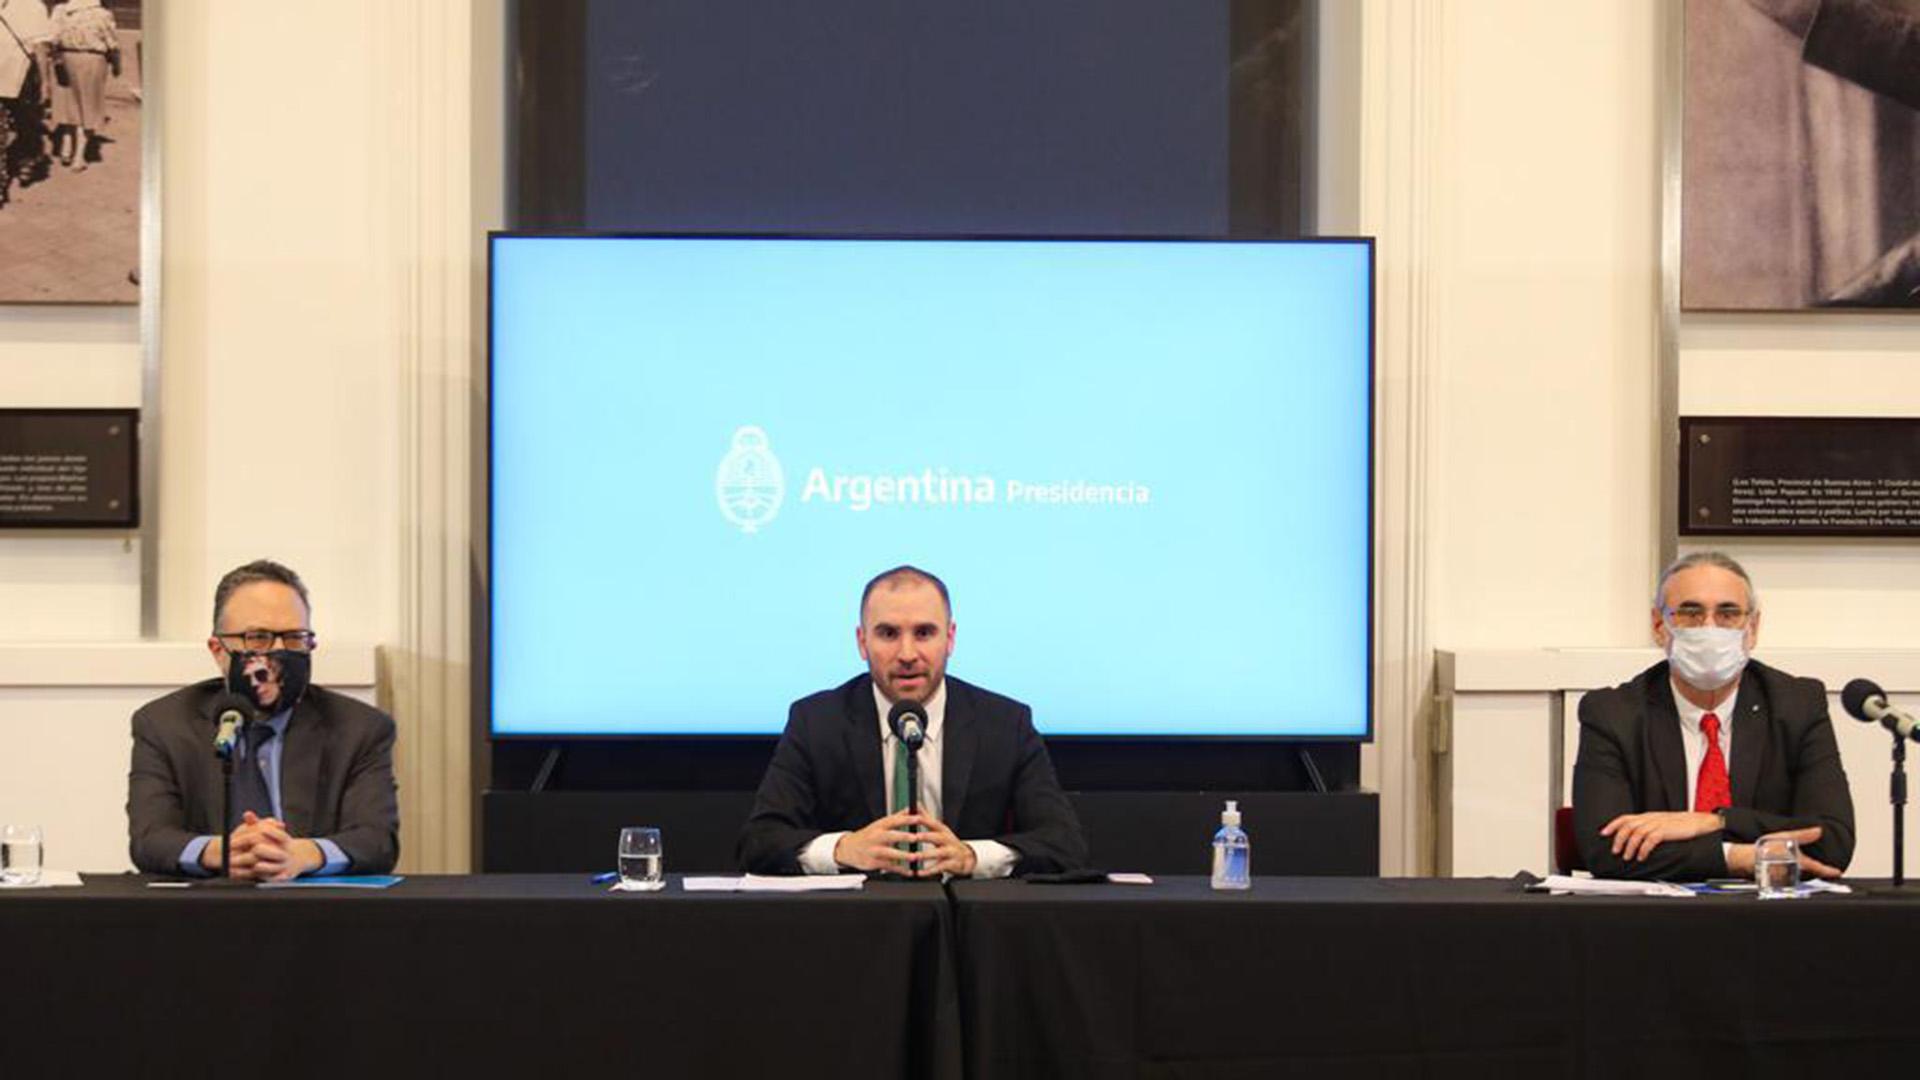 Matías Kulfas, ministro de Desarrollo Productivo; Martín Guzmán, ministro de Economía; y Luis Basterra, ministro de Agricultura, en los anuncios económicos de esta tarde en Casa Rosada